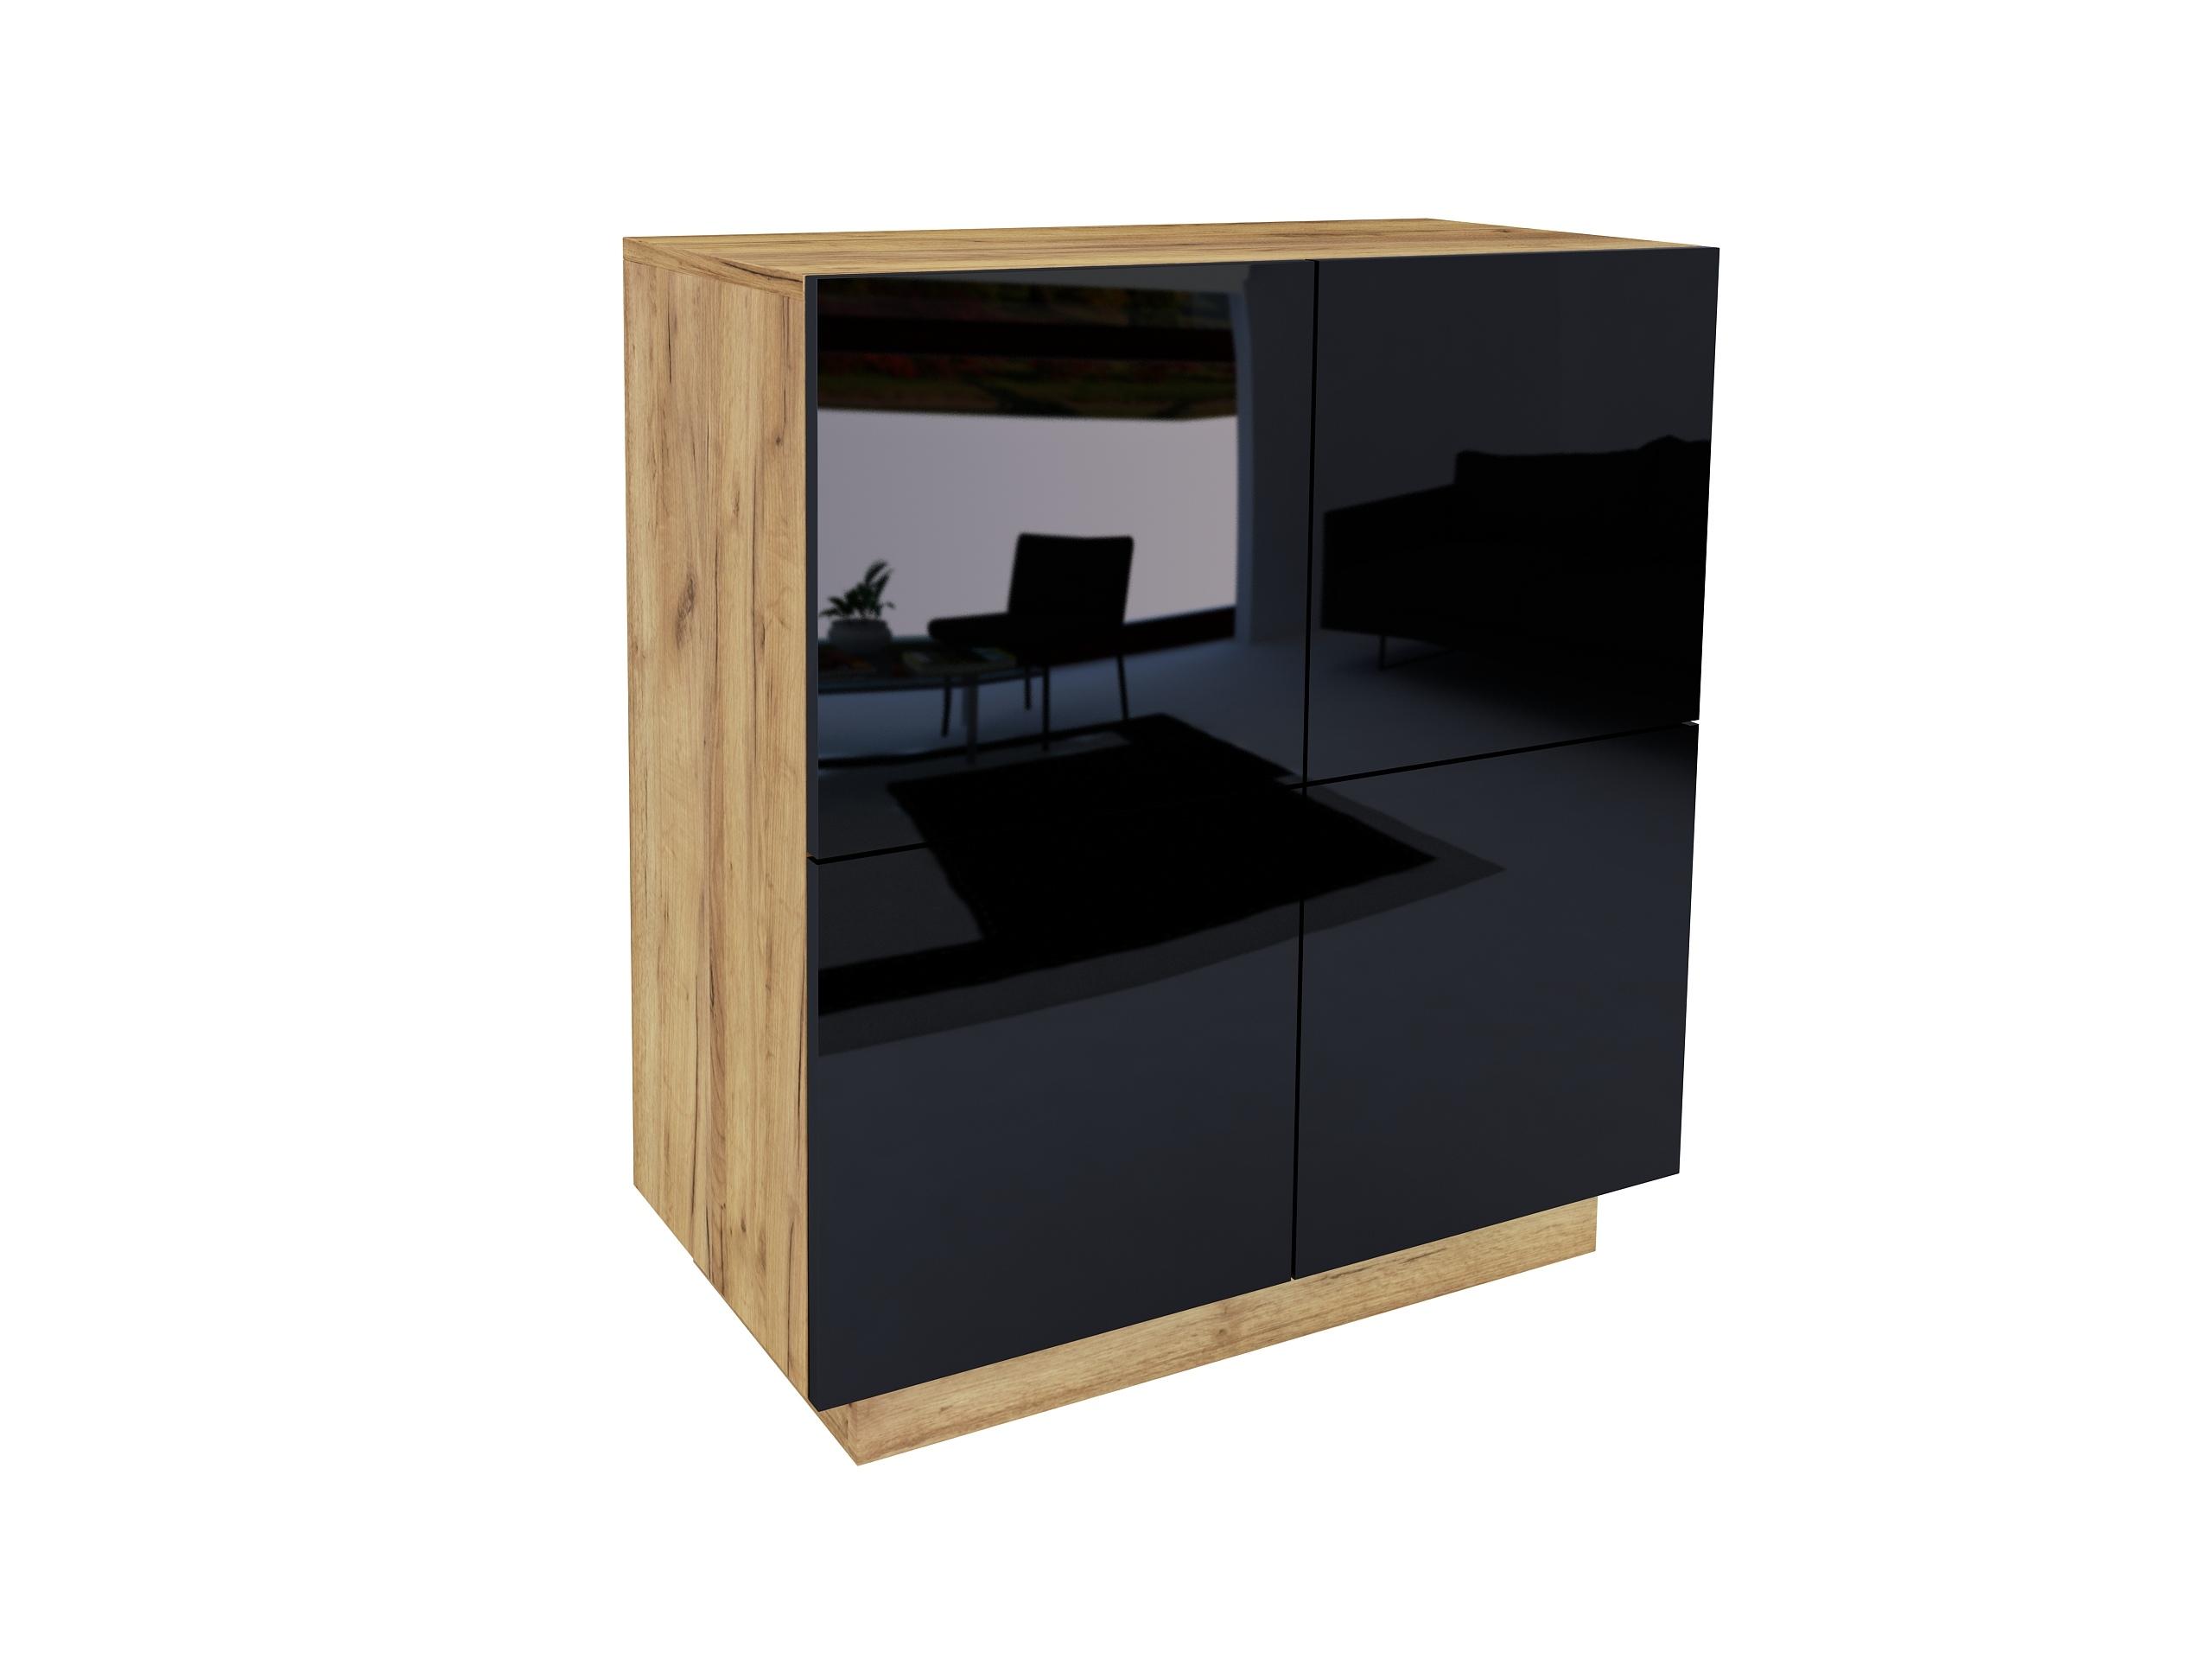 dąb złoty, dąb craft, czarny wysoki połysk, wisząca komoda, stojąca komoda, szafka do biura, szafka na ubrania do sypialni